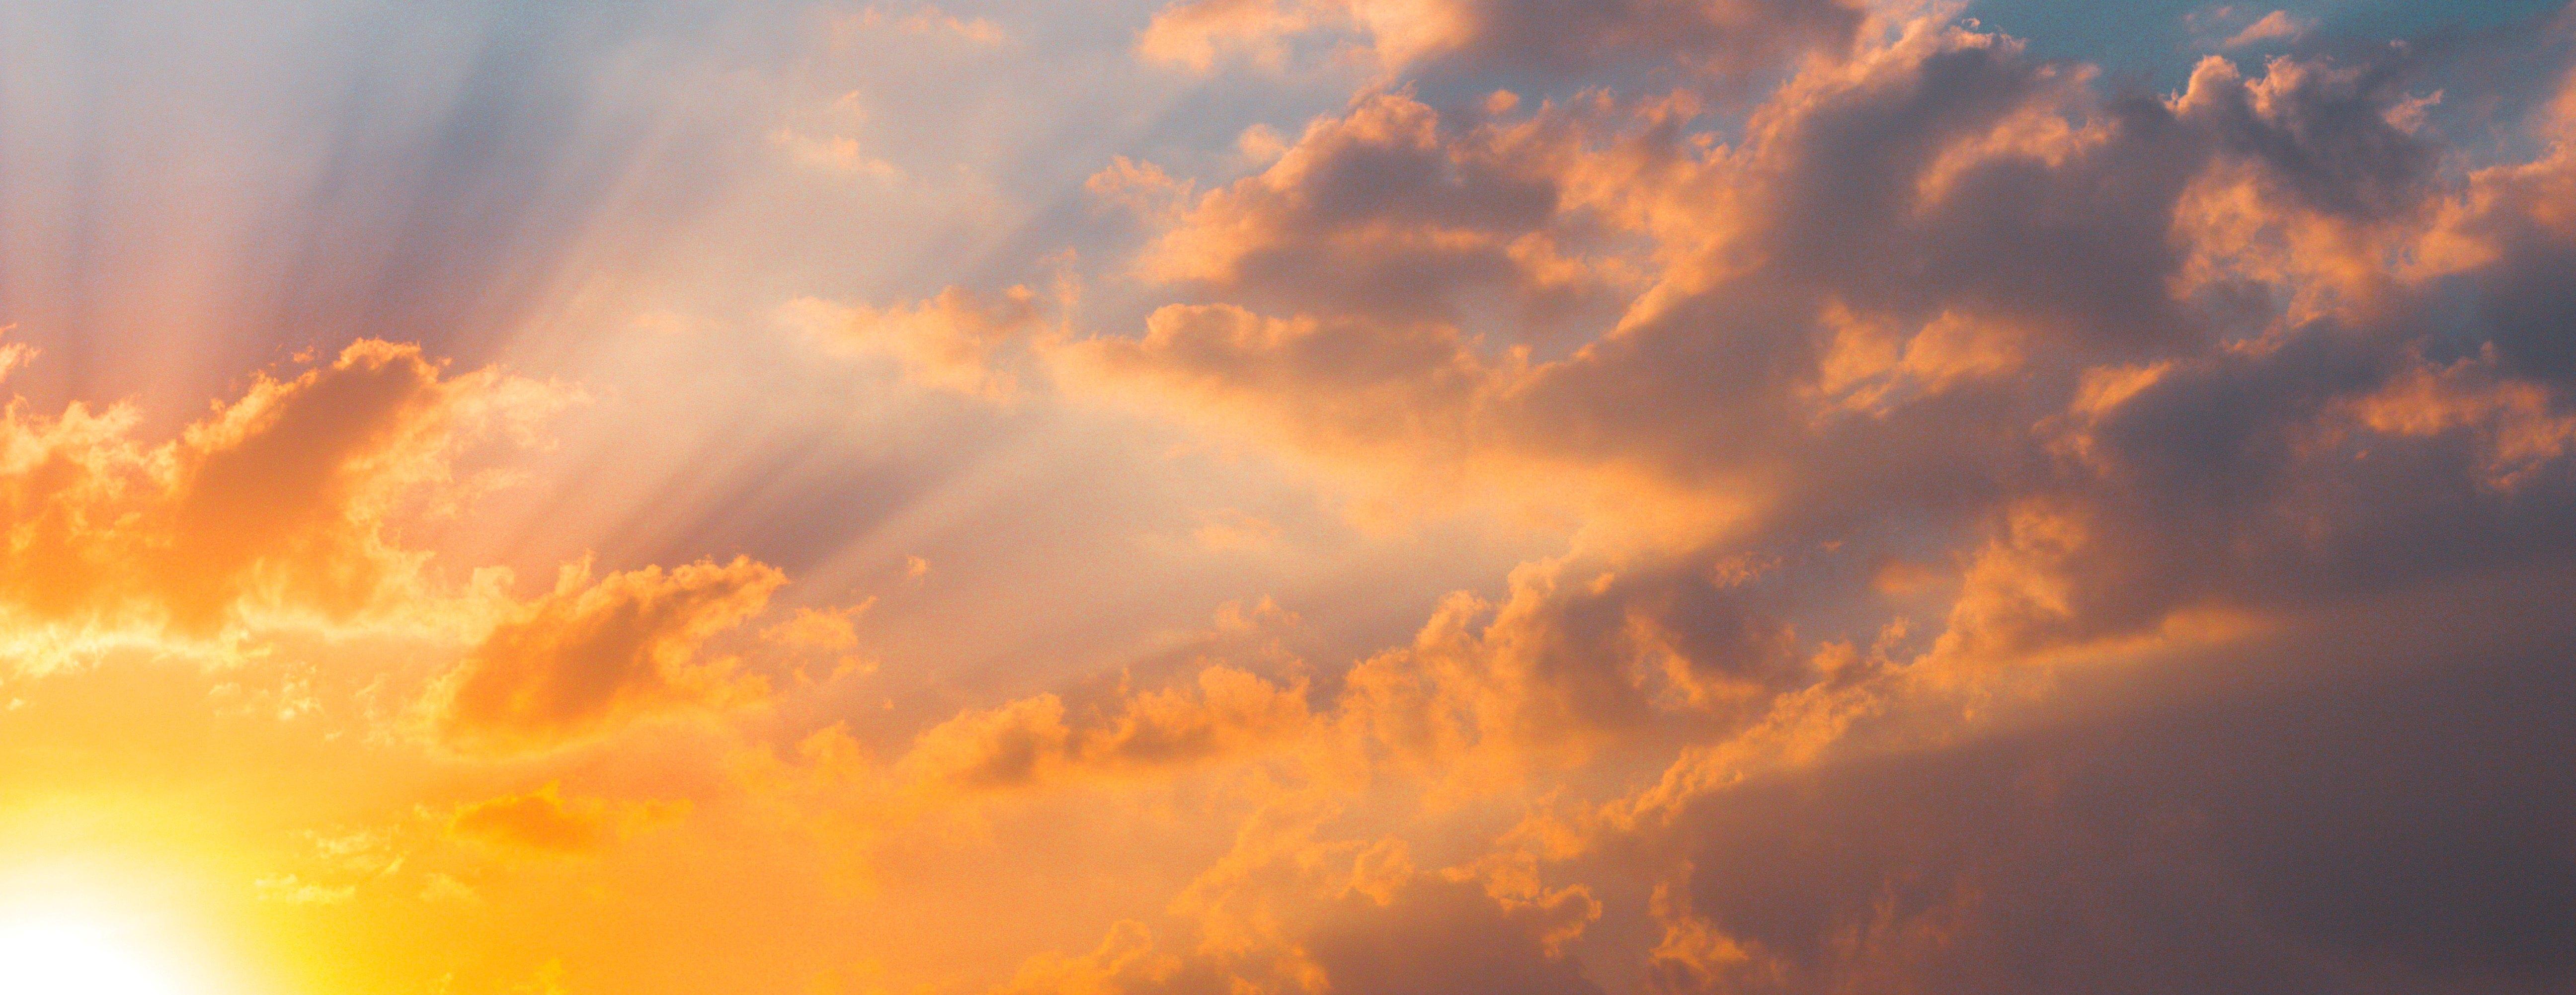 sunshine banner - diego-ph-493991-unsplash.jpg